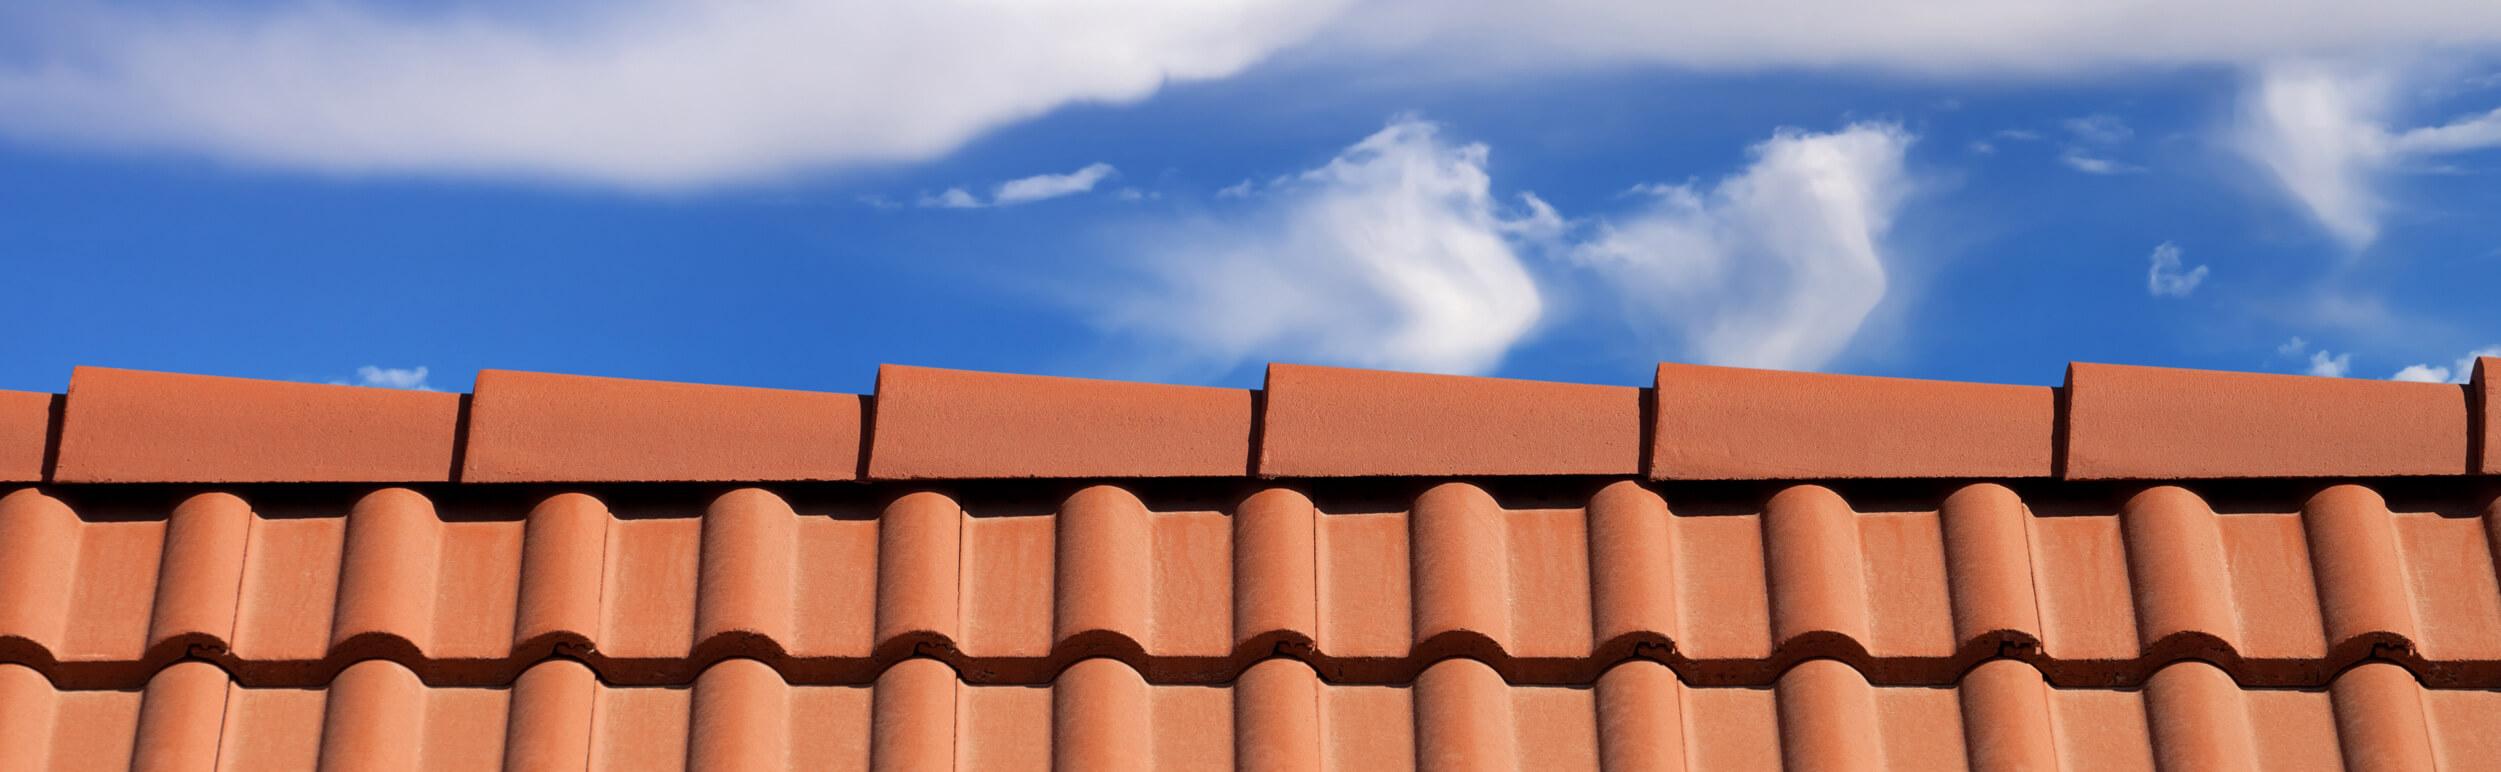 ser-0000-roofing